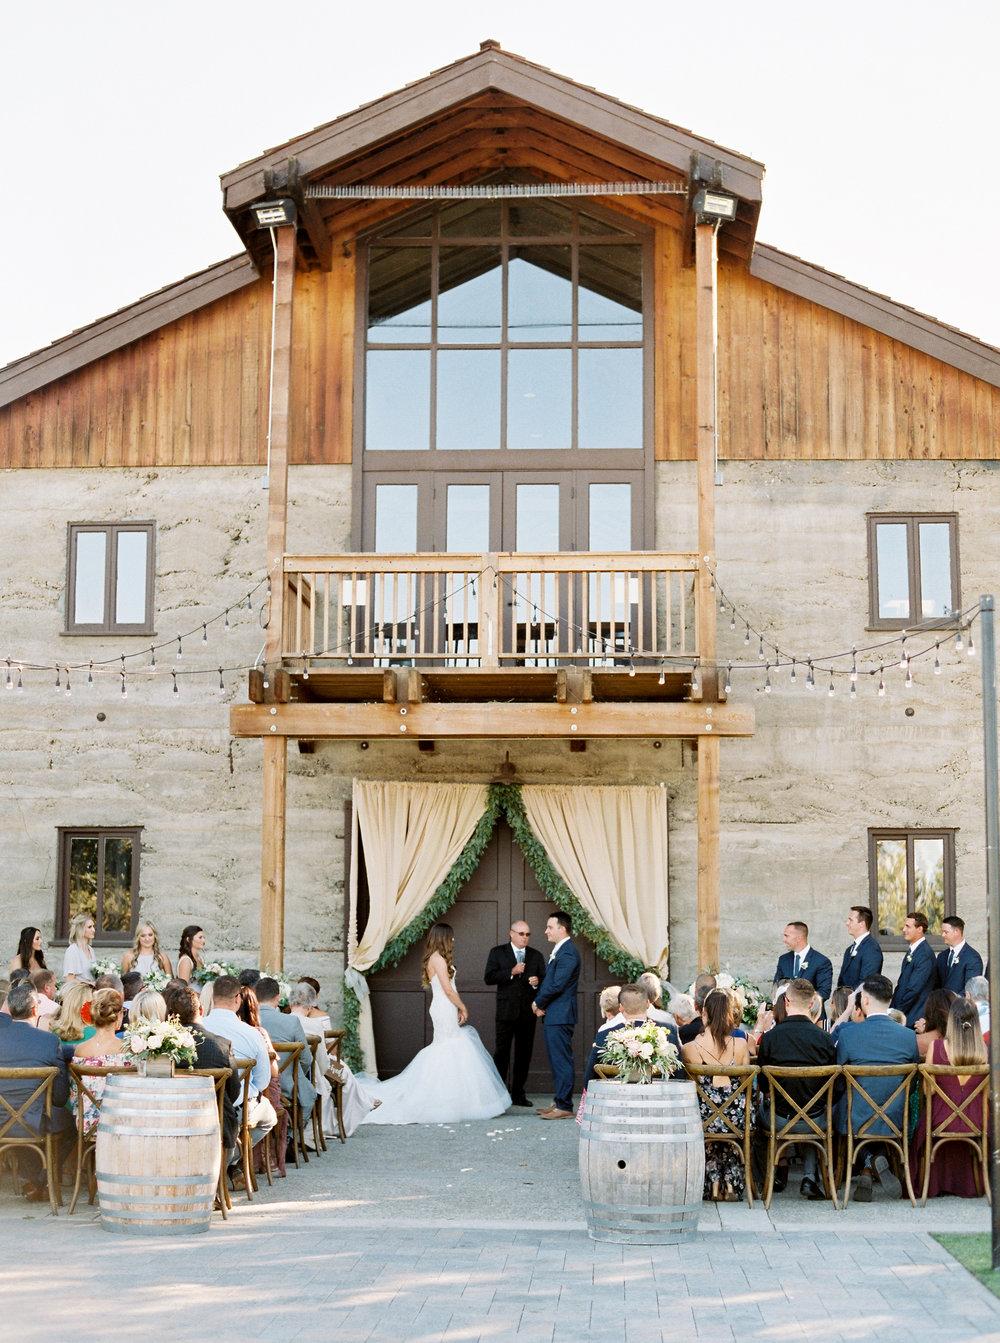 muriettas-well-wedding-in-livermore-california-86.jpg